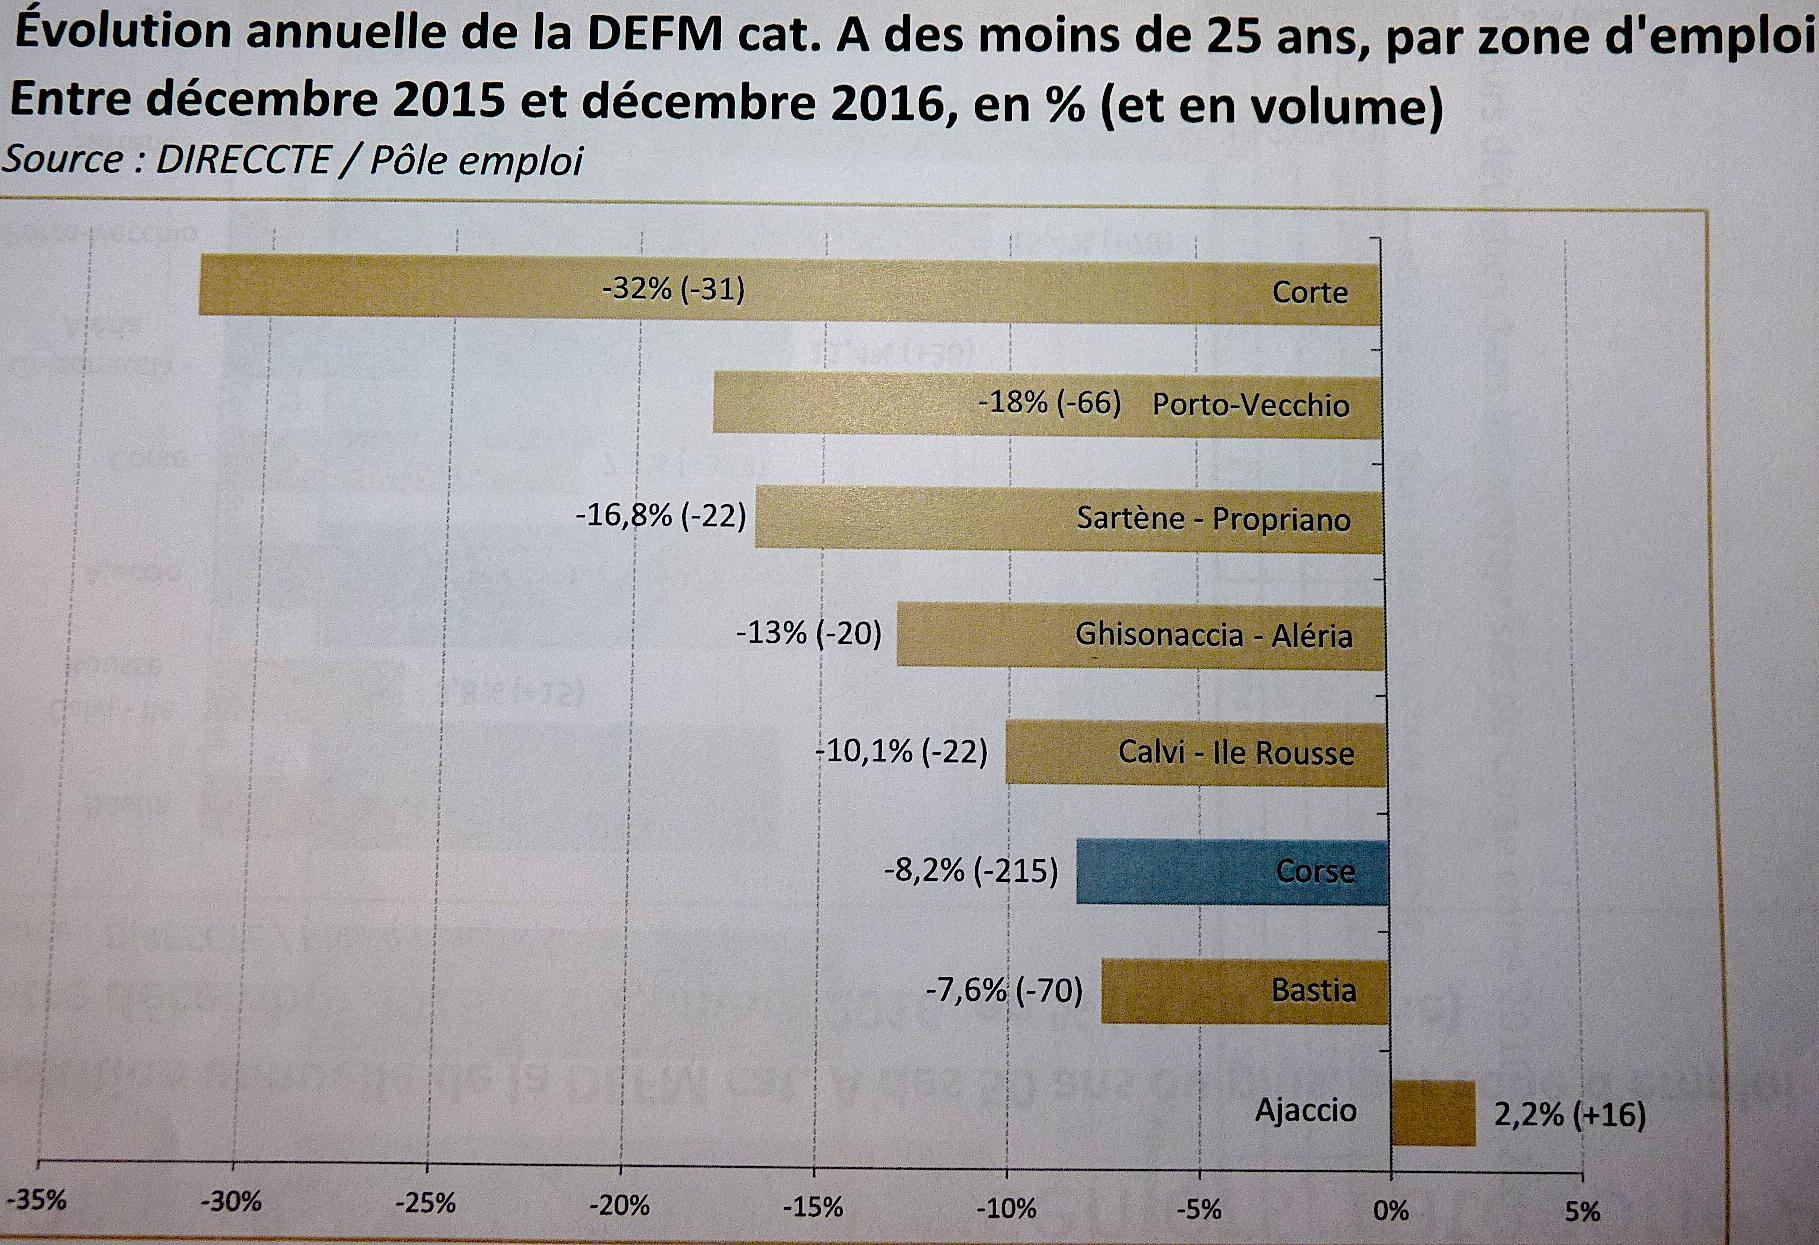 Corse : Le chômage enfin en baisse depuis 2008. L'embellie profite aux jeunes et aux demandeurs de longue durée